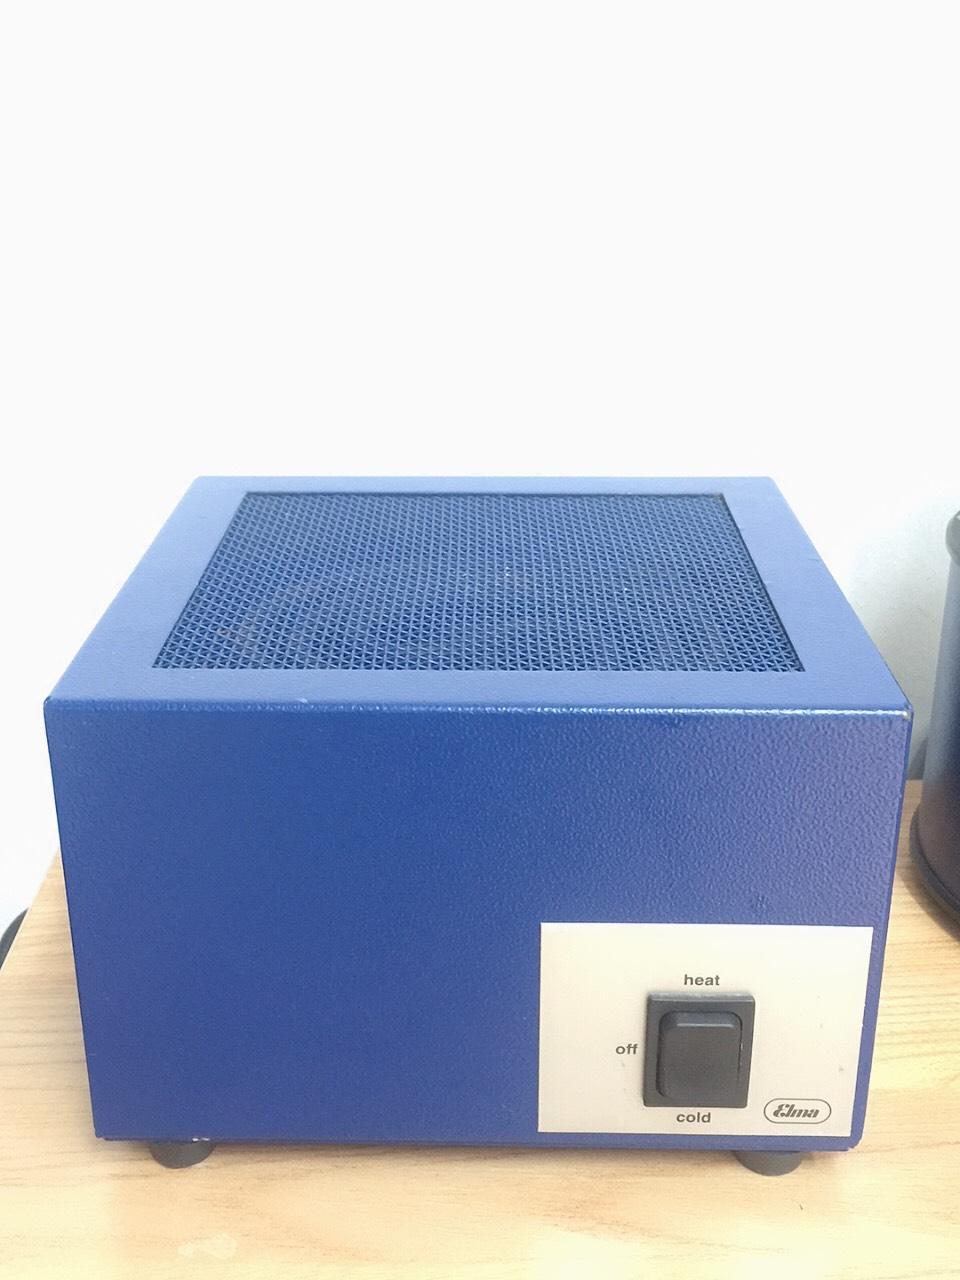 Máy làm khô chuyên dụng Elma Hot Air Dry